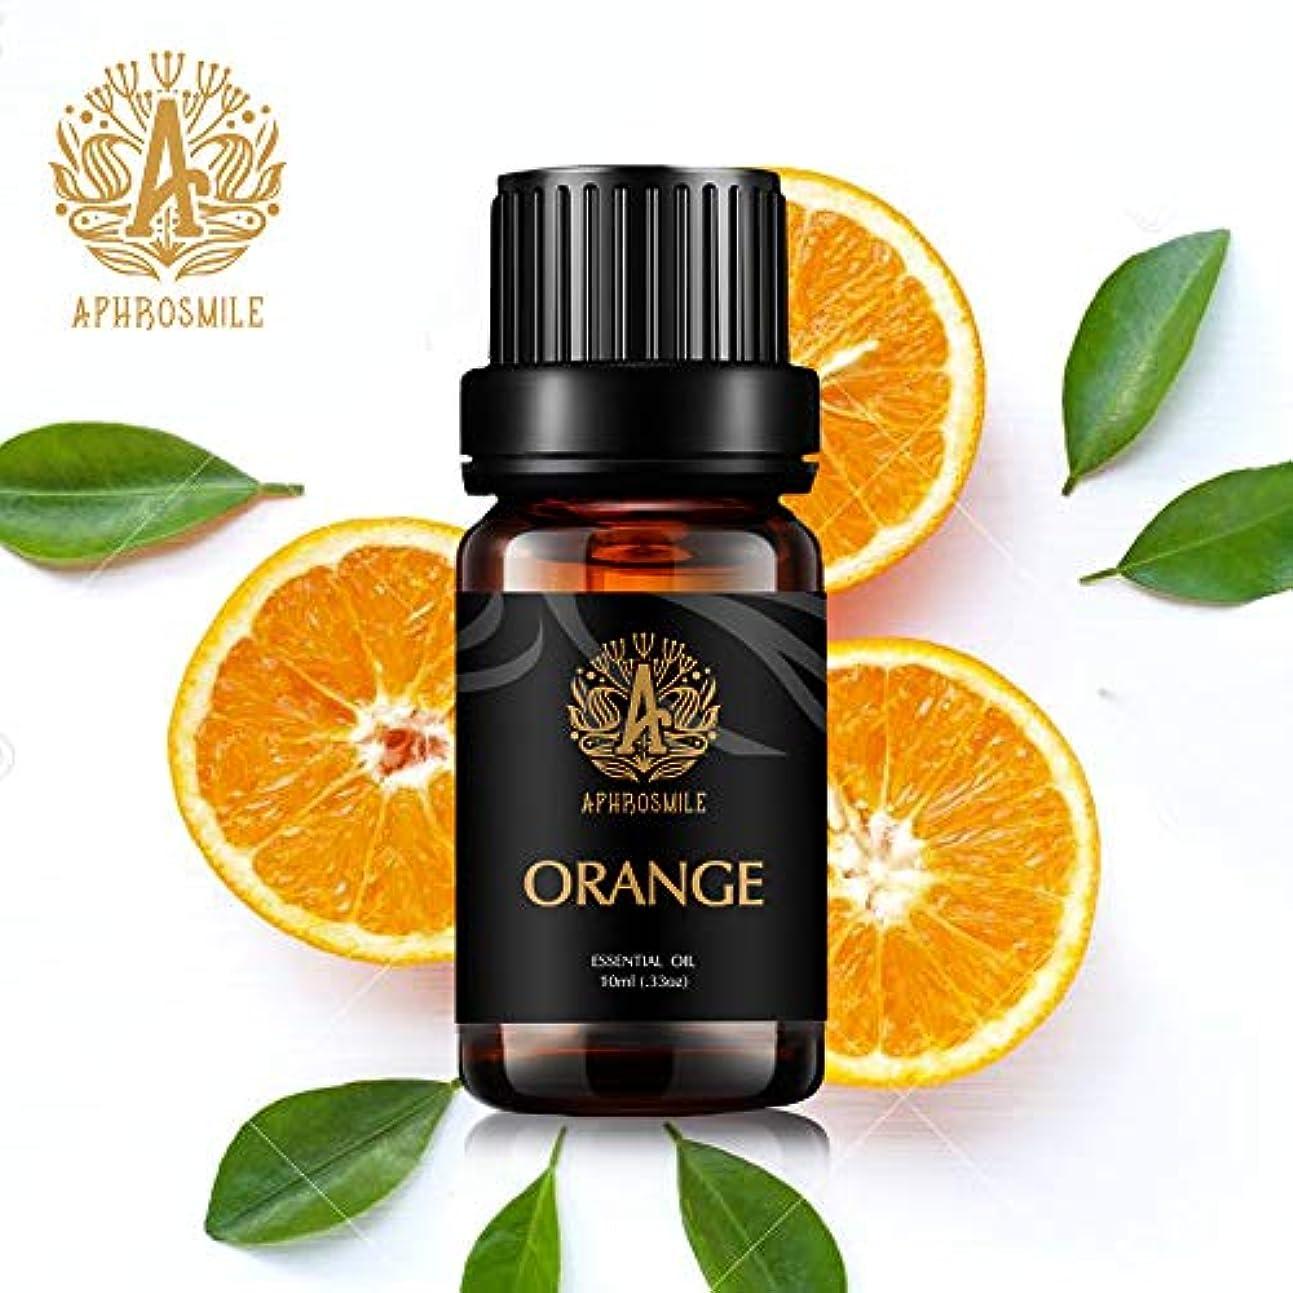 刻む未使用耐えられるAphrosmile オレンジ エッセンシャル オイル FDA 認定 100% ピュア オレンジ オイル、有機治療グレードのアロマテラピー エッセンシャル オイル 10mL/0.33oz